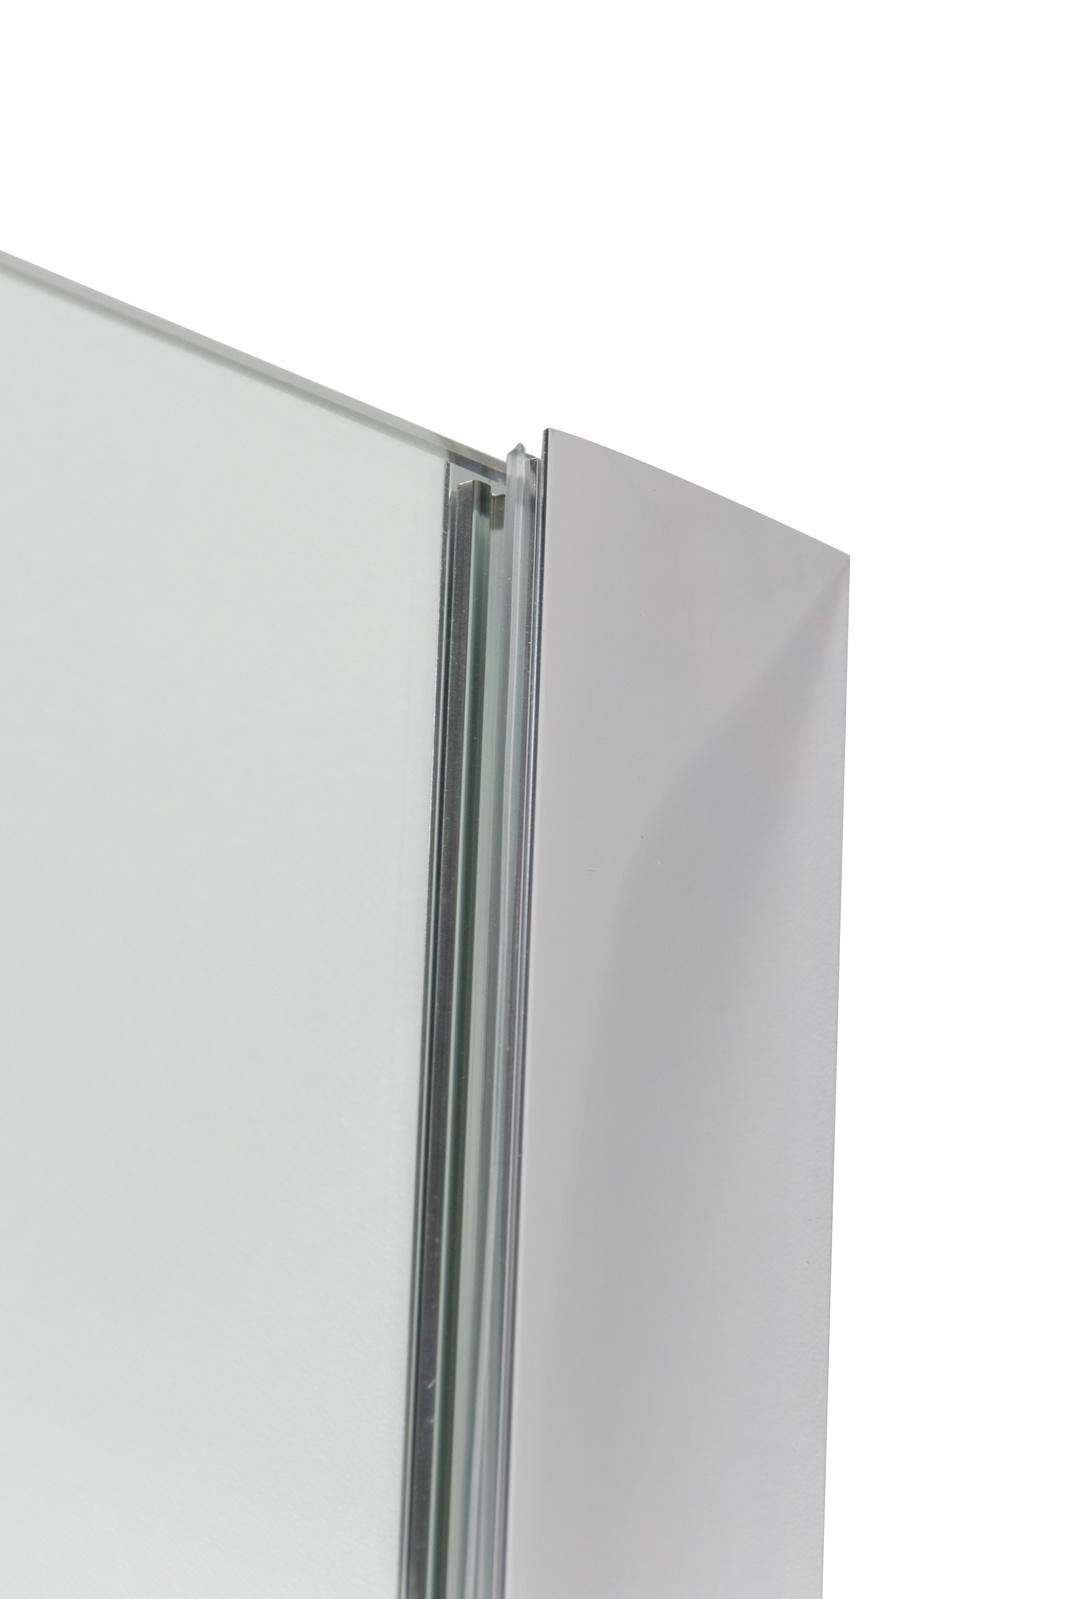 Inloopdouche Linea Uno 80 x 200 cm